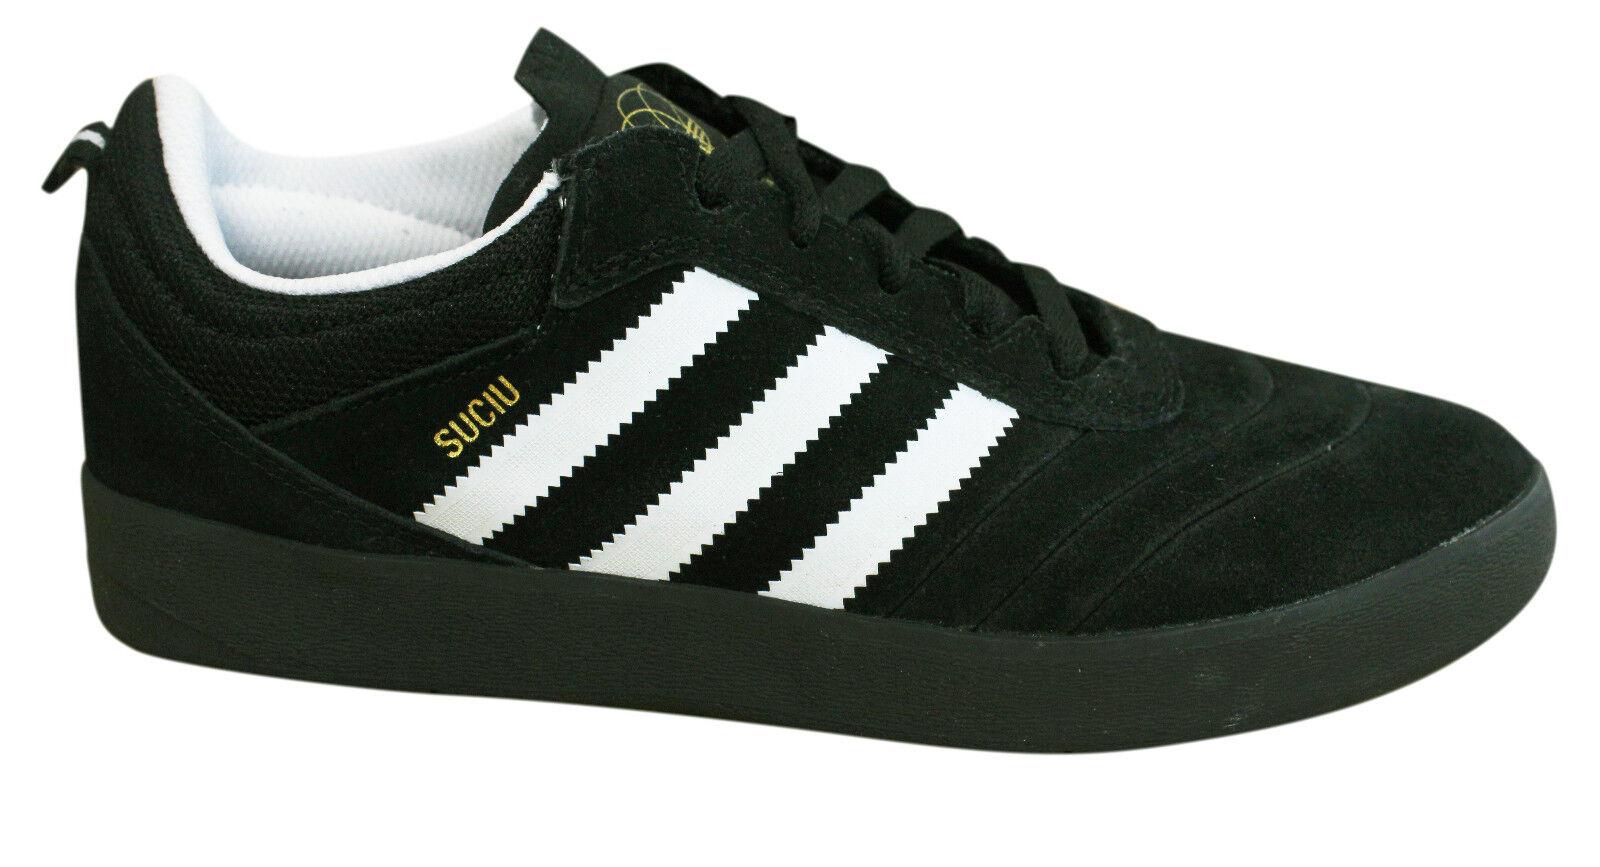 Zapatillas para hombre Adidas Originals Suciu Suciu Originals avance de Gamuza Cuero Blanco Negro BY3936 P1 3372c4